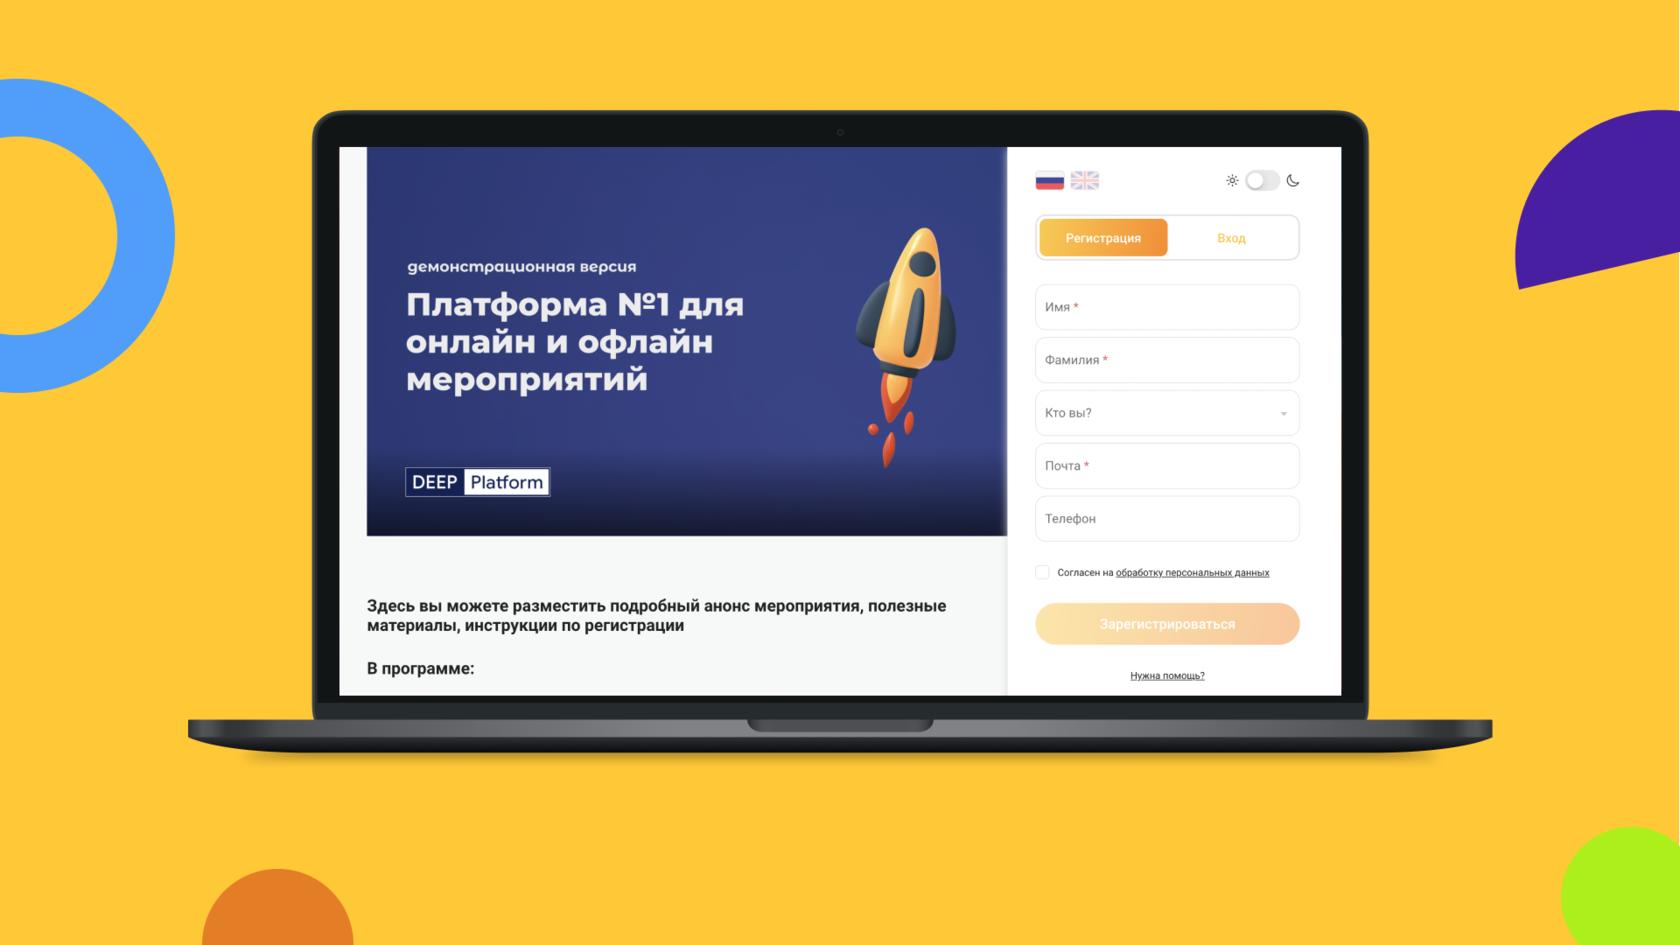 DEEP Platform - лендинг и форма регистрации для онлайн мероприятия настраивается за секунды